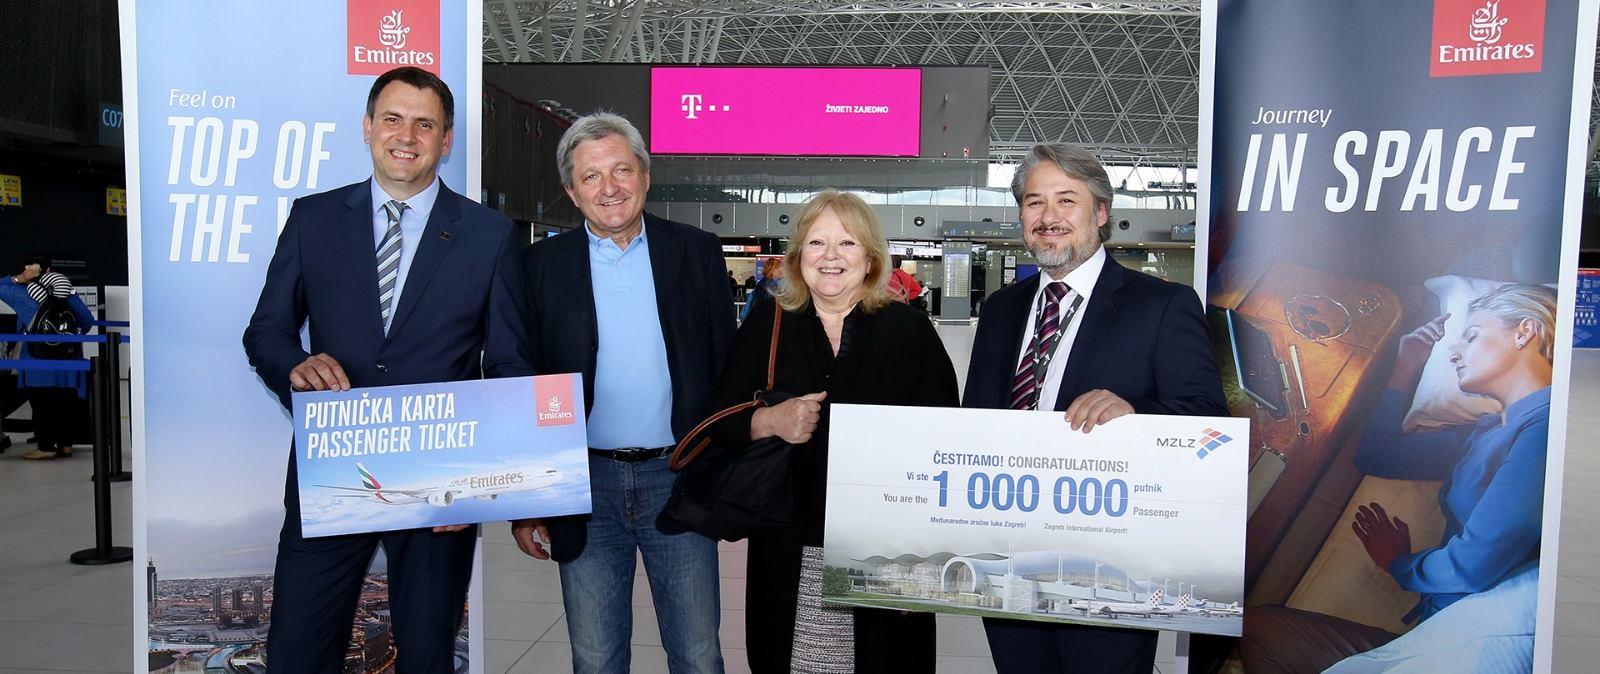 FOTO: Zračna luka Franjo Tuđman zabilježila ovogodišnju milijuntu putnicu